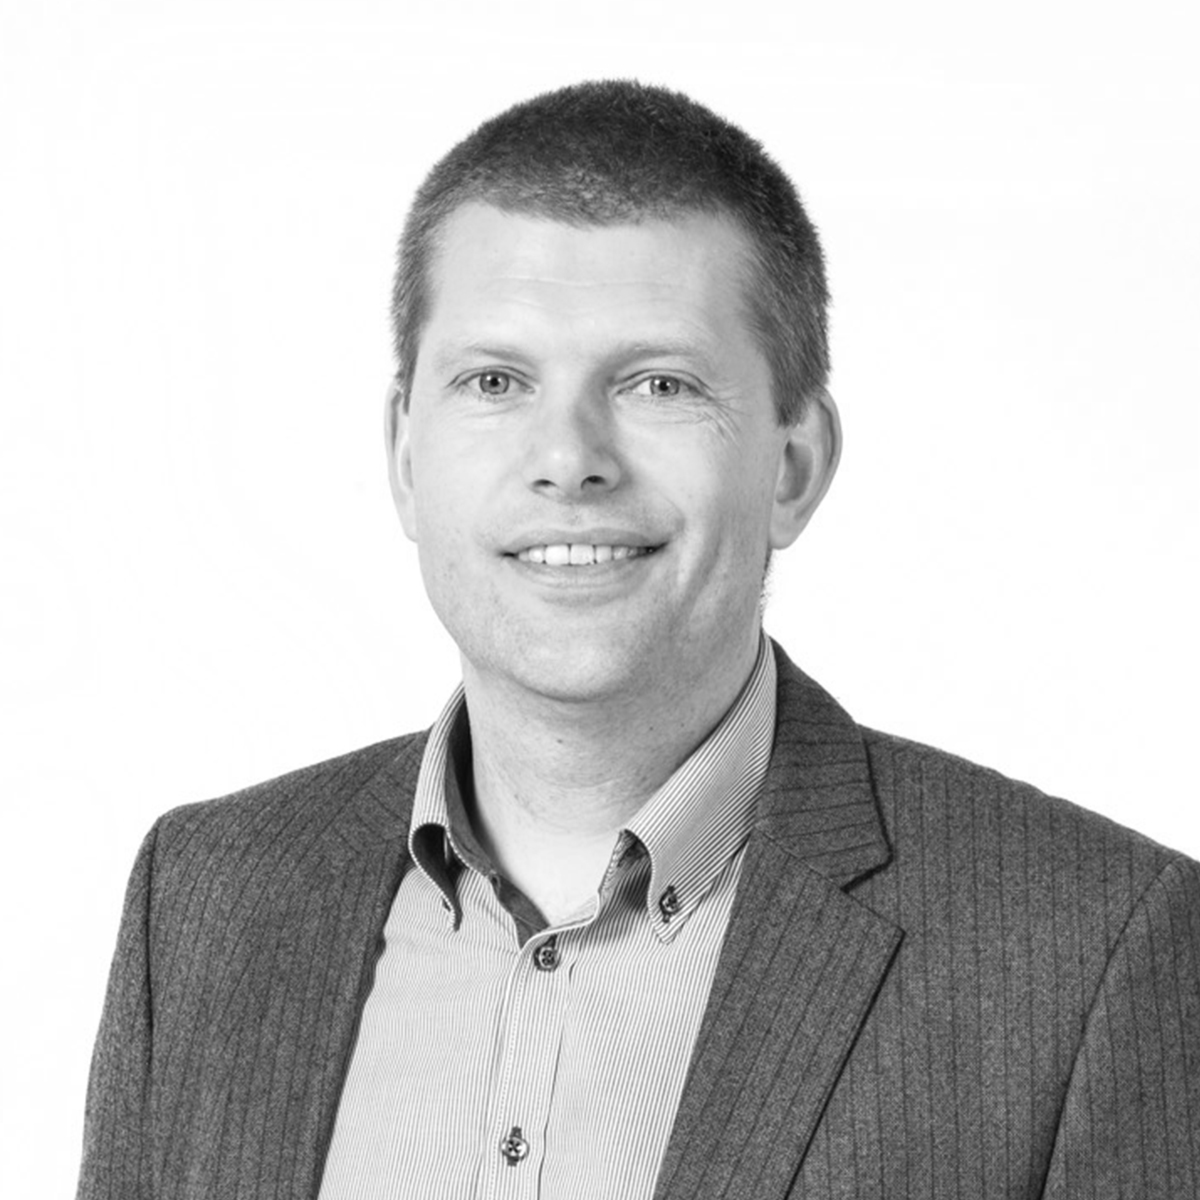 Simplimize konsulent Nils H. Nielsen - Adding